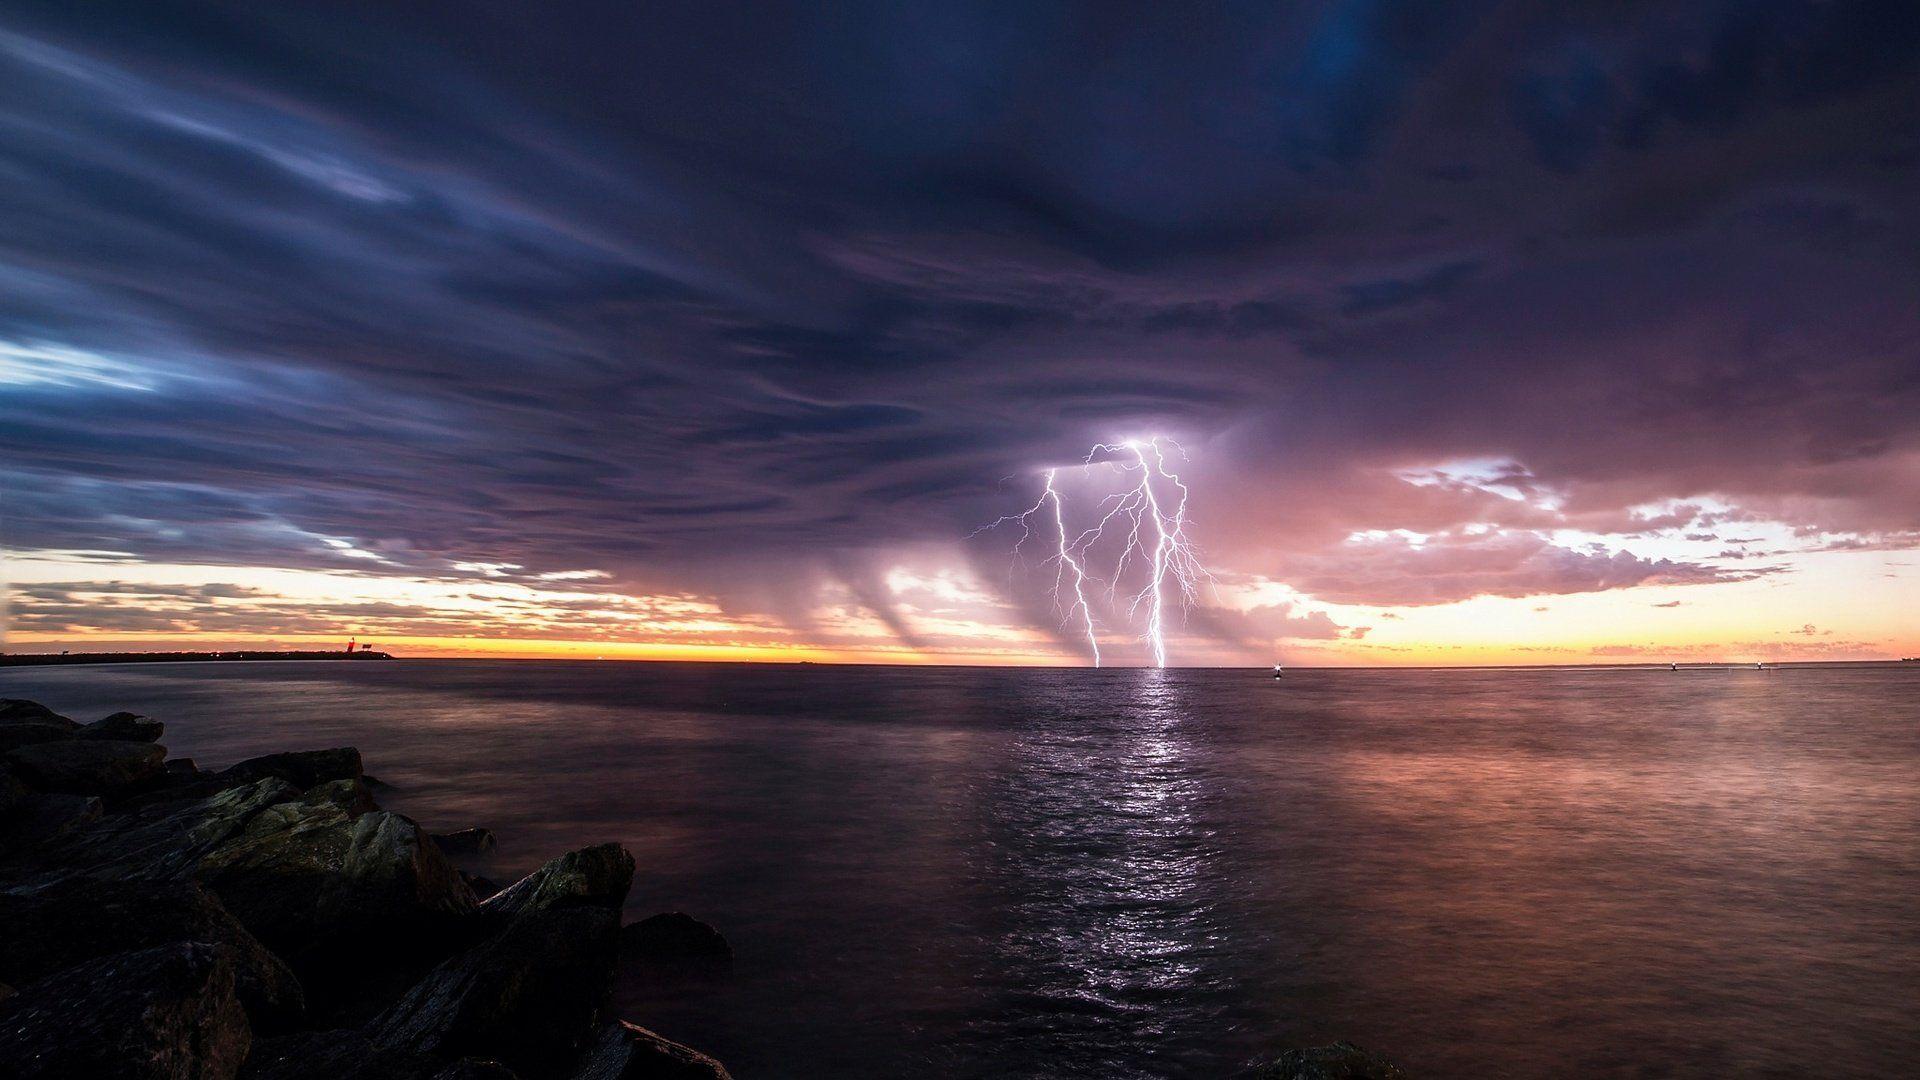 Sea Storm Storm